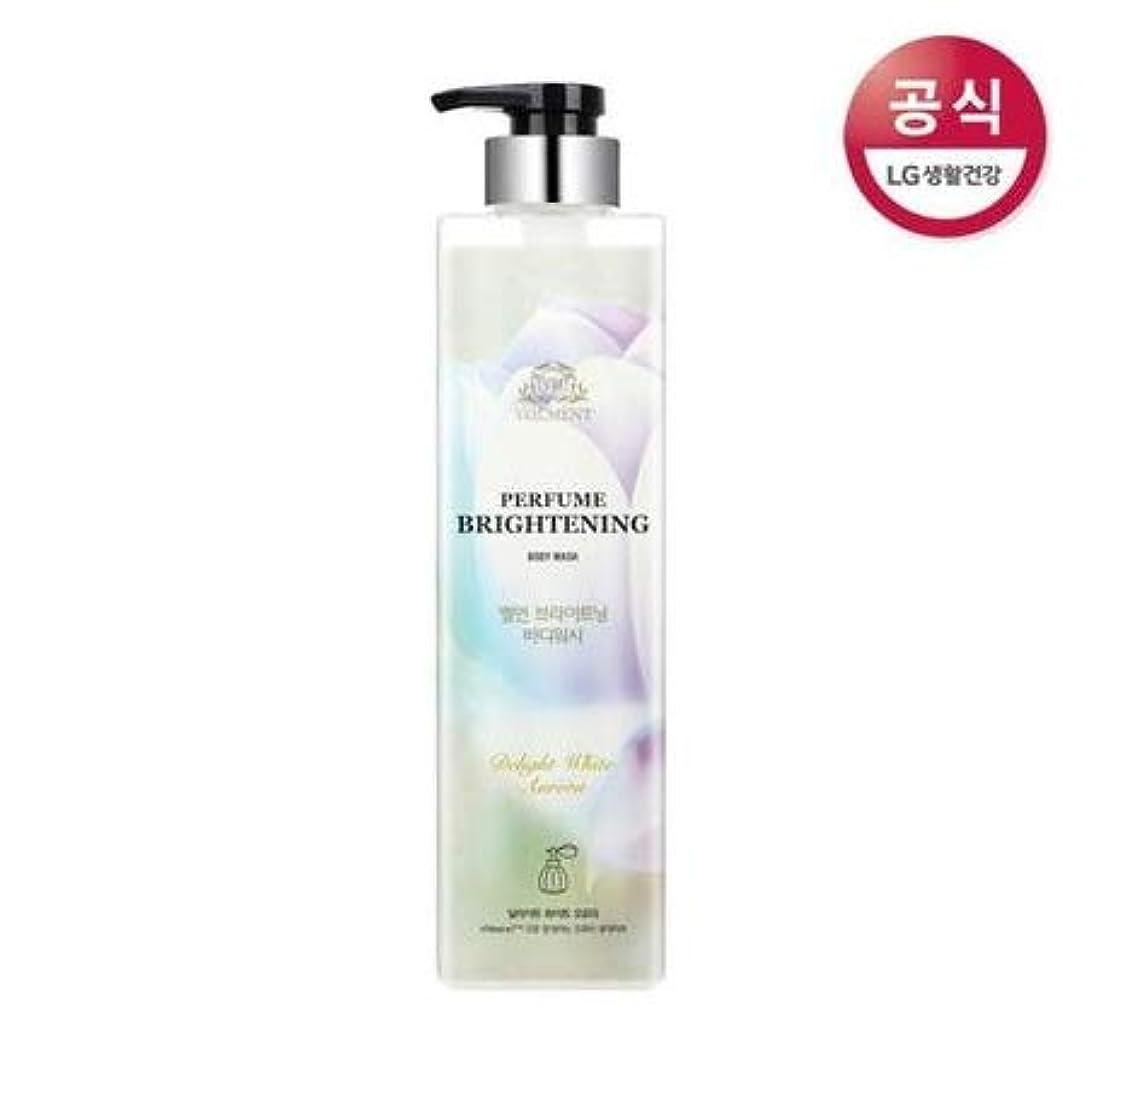 重大迷路証人[LG HnB] On the Body Belman Perfume Brightening Body Wash / オンザボディベルモンパフュームブライトニングボディウォッシュ680mlx1個(海外直送品)